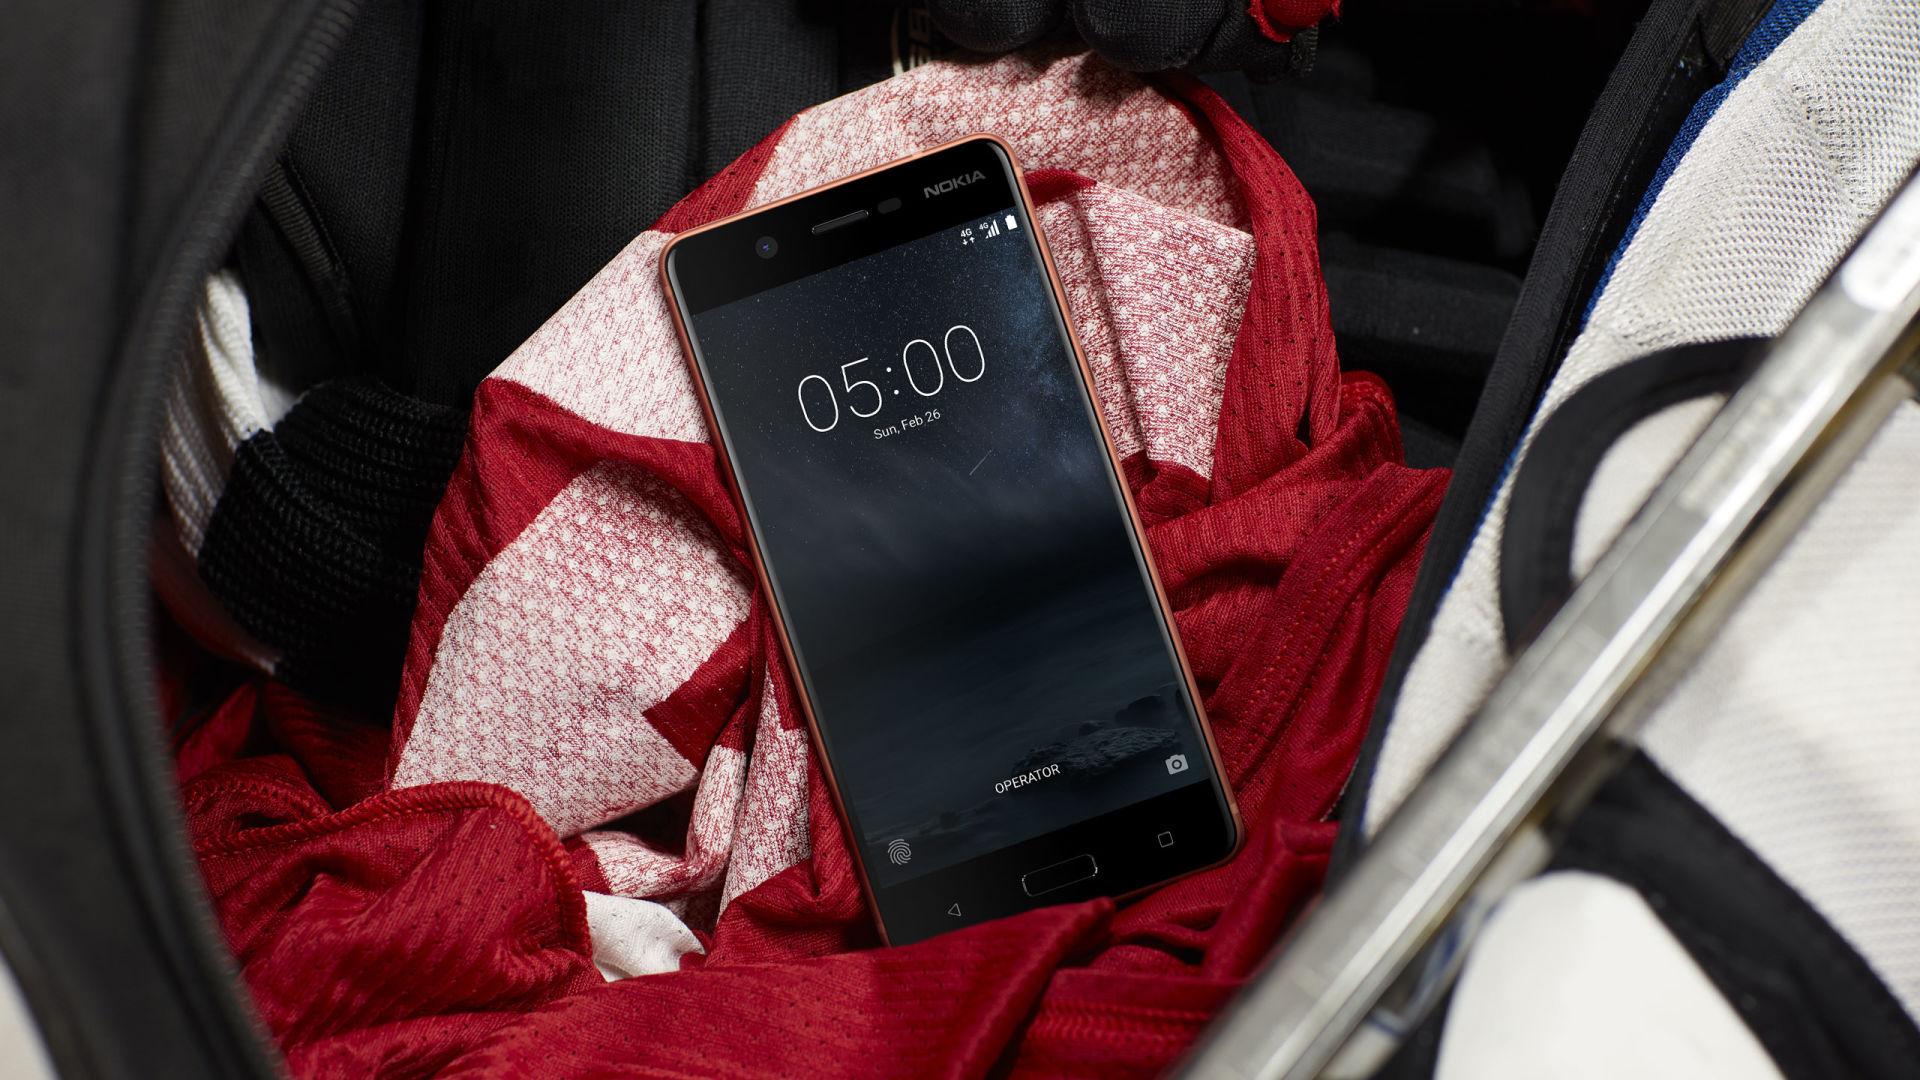 SmartphonesForLife_Nokia5_2560x1440px.jpg